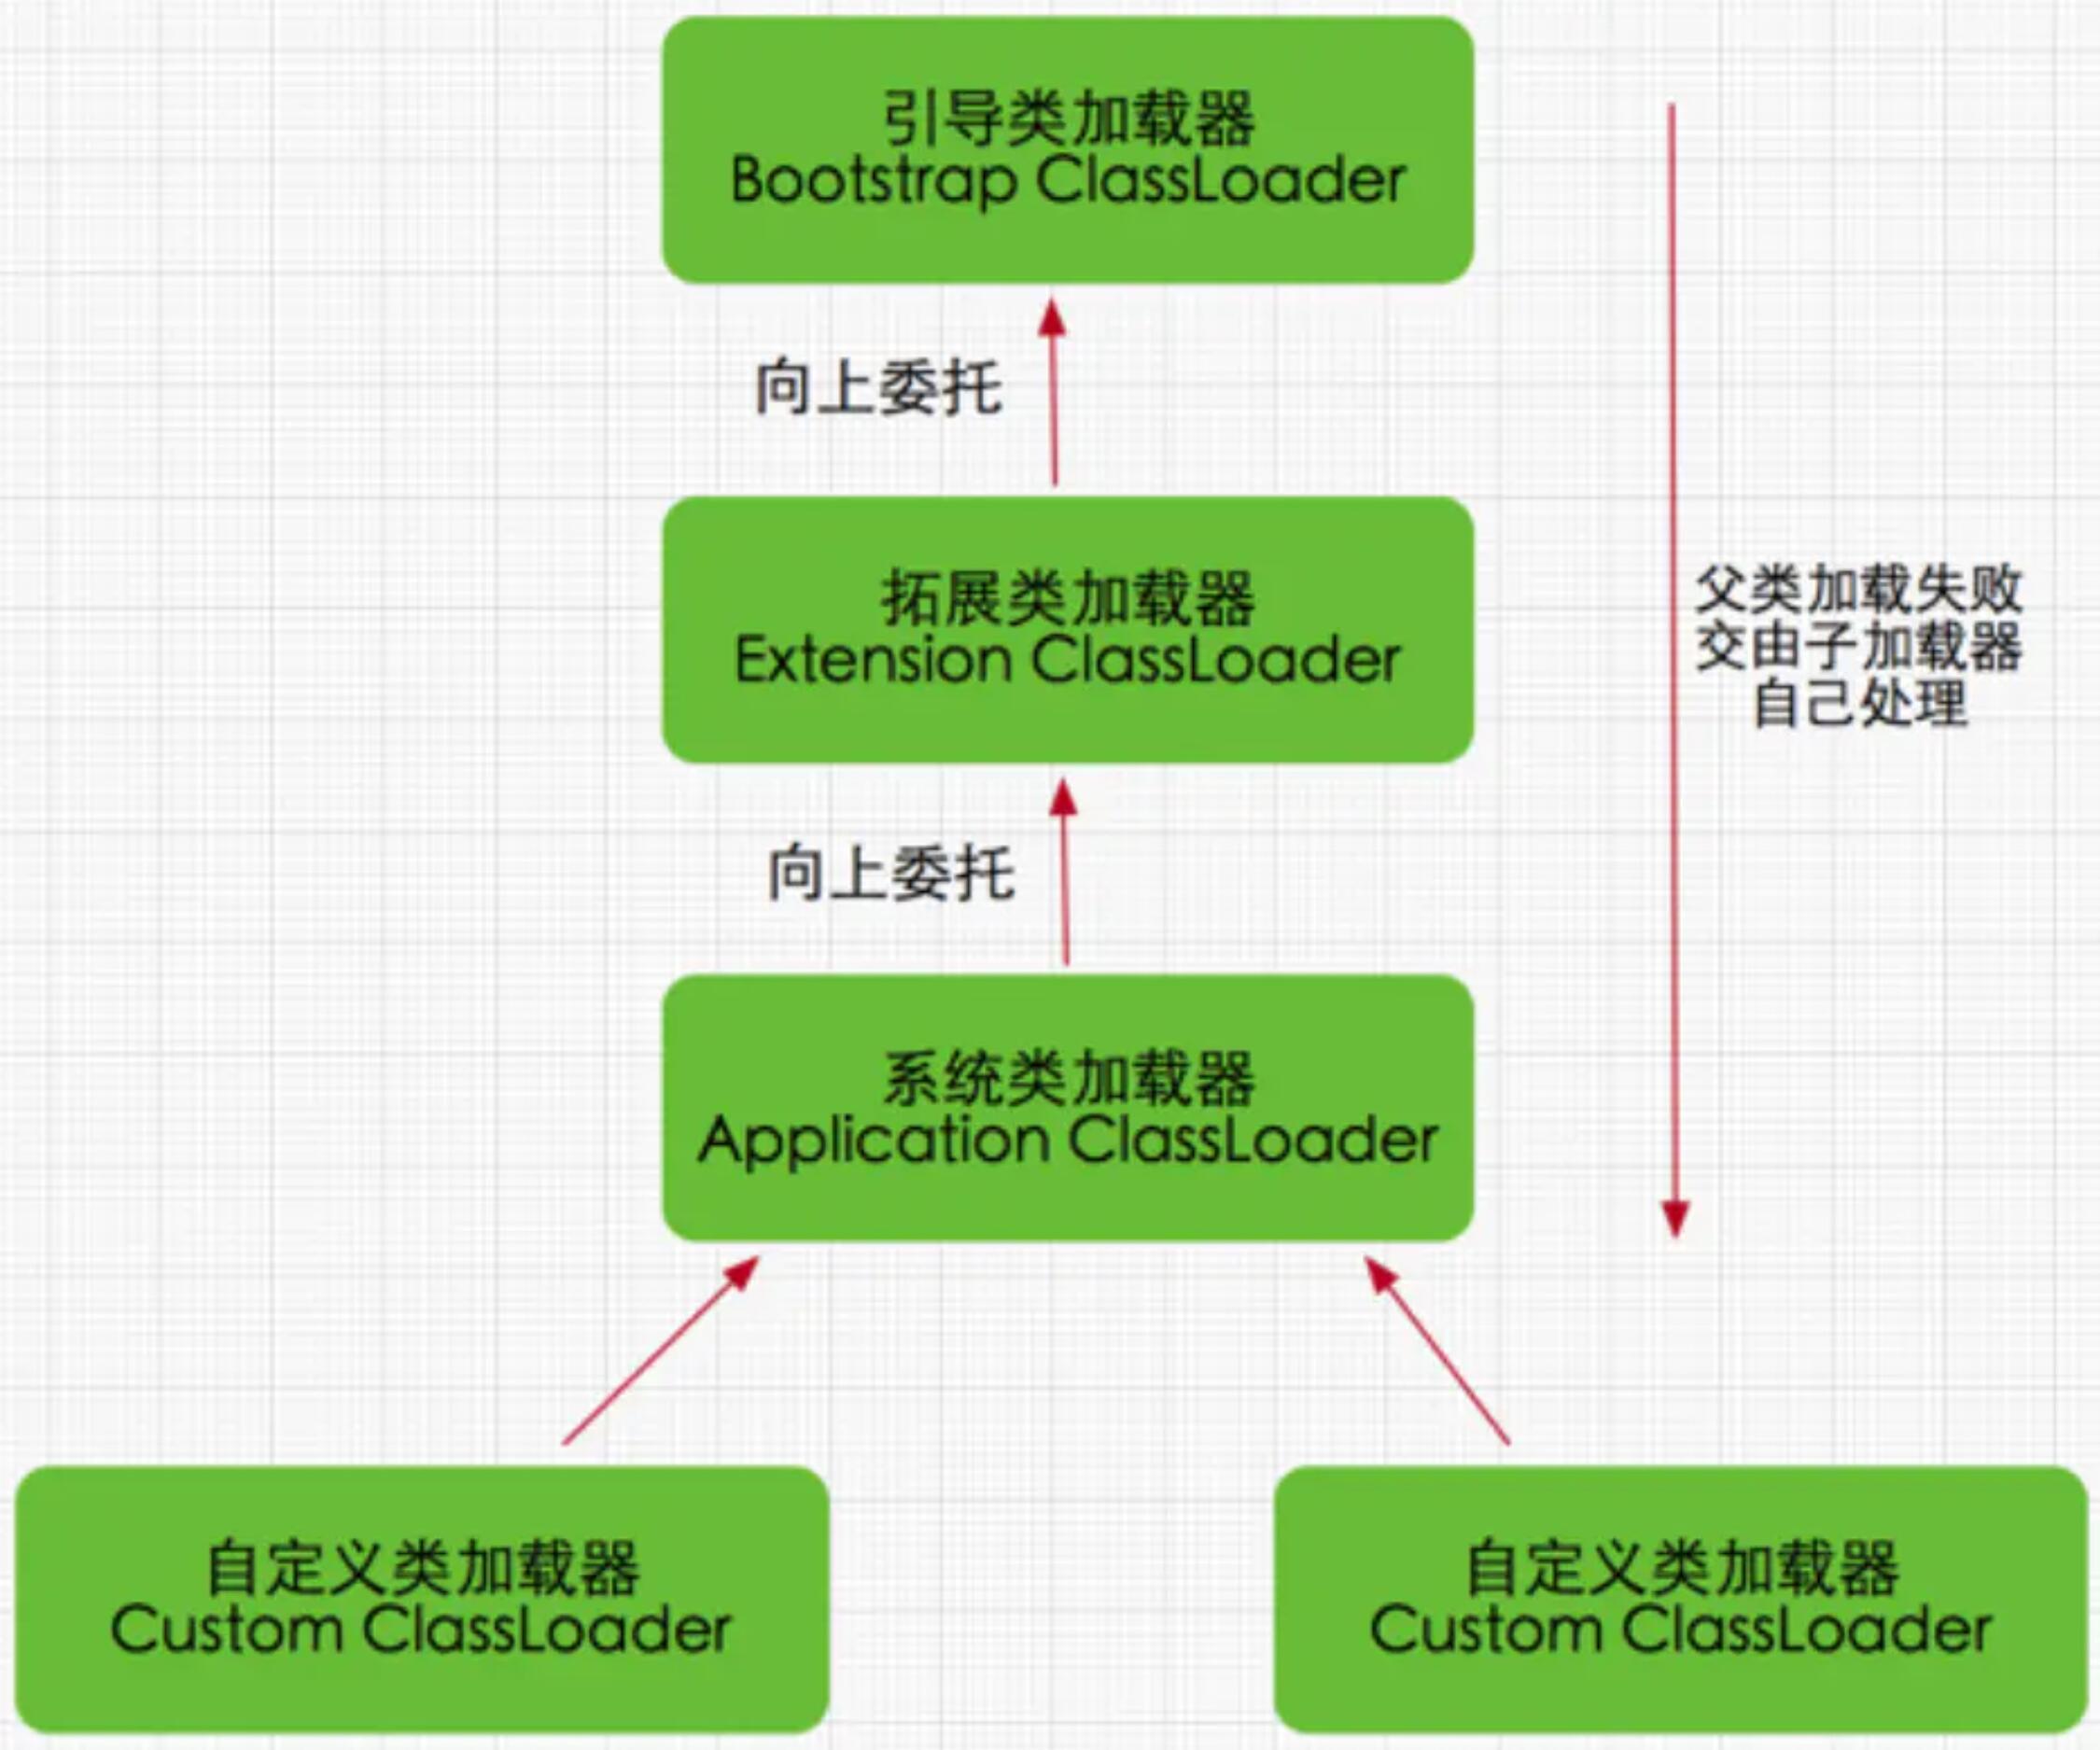 双亲委派模型.jpg